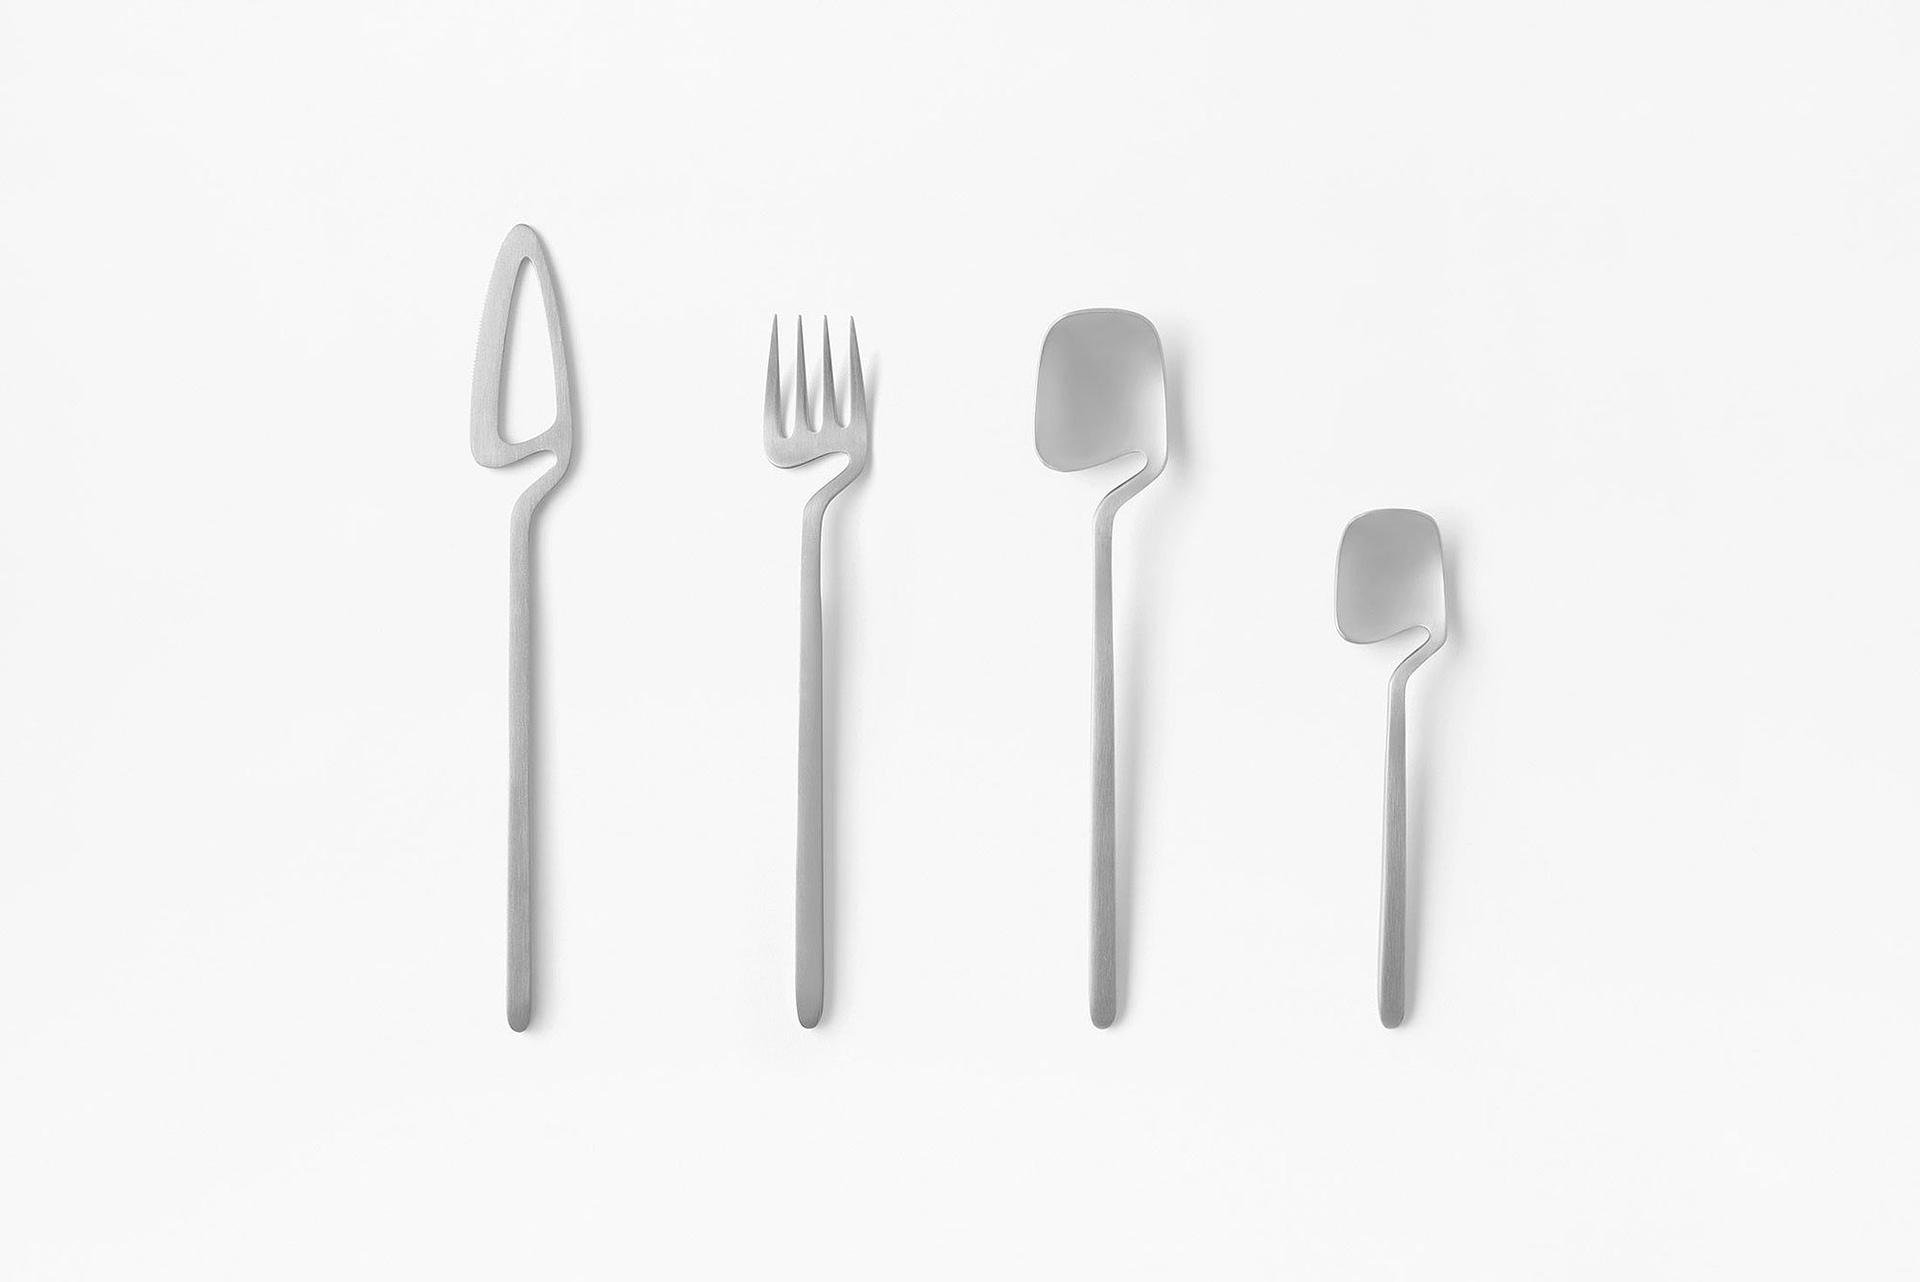 Quirky Minimalist Flatware By Nendo Gessato